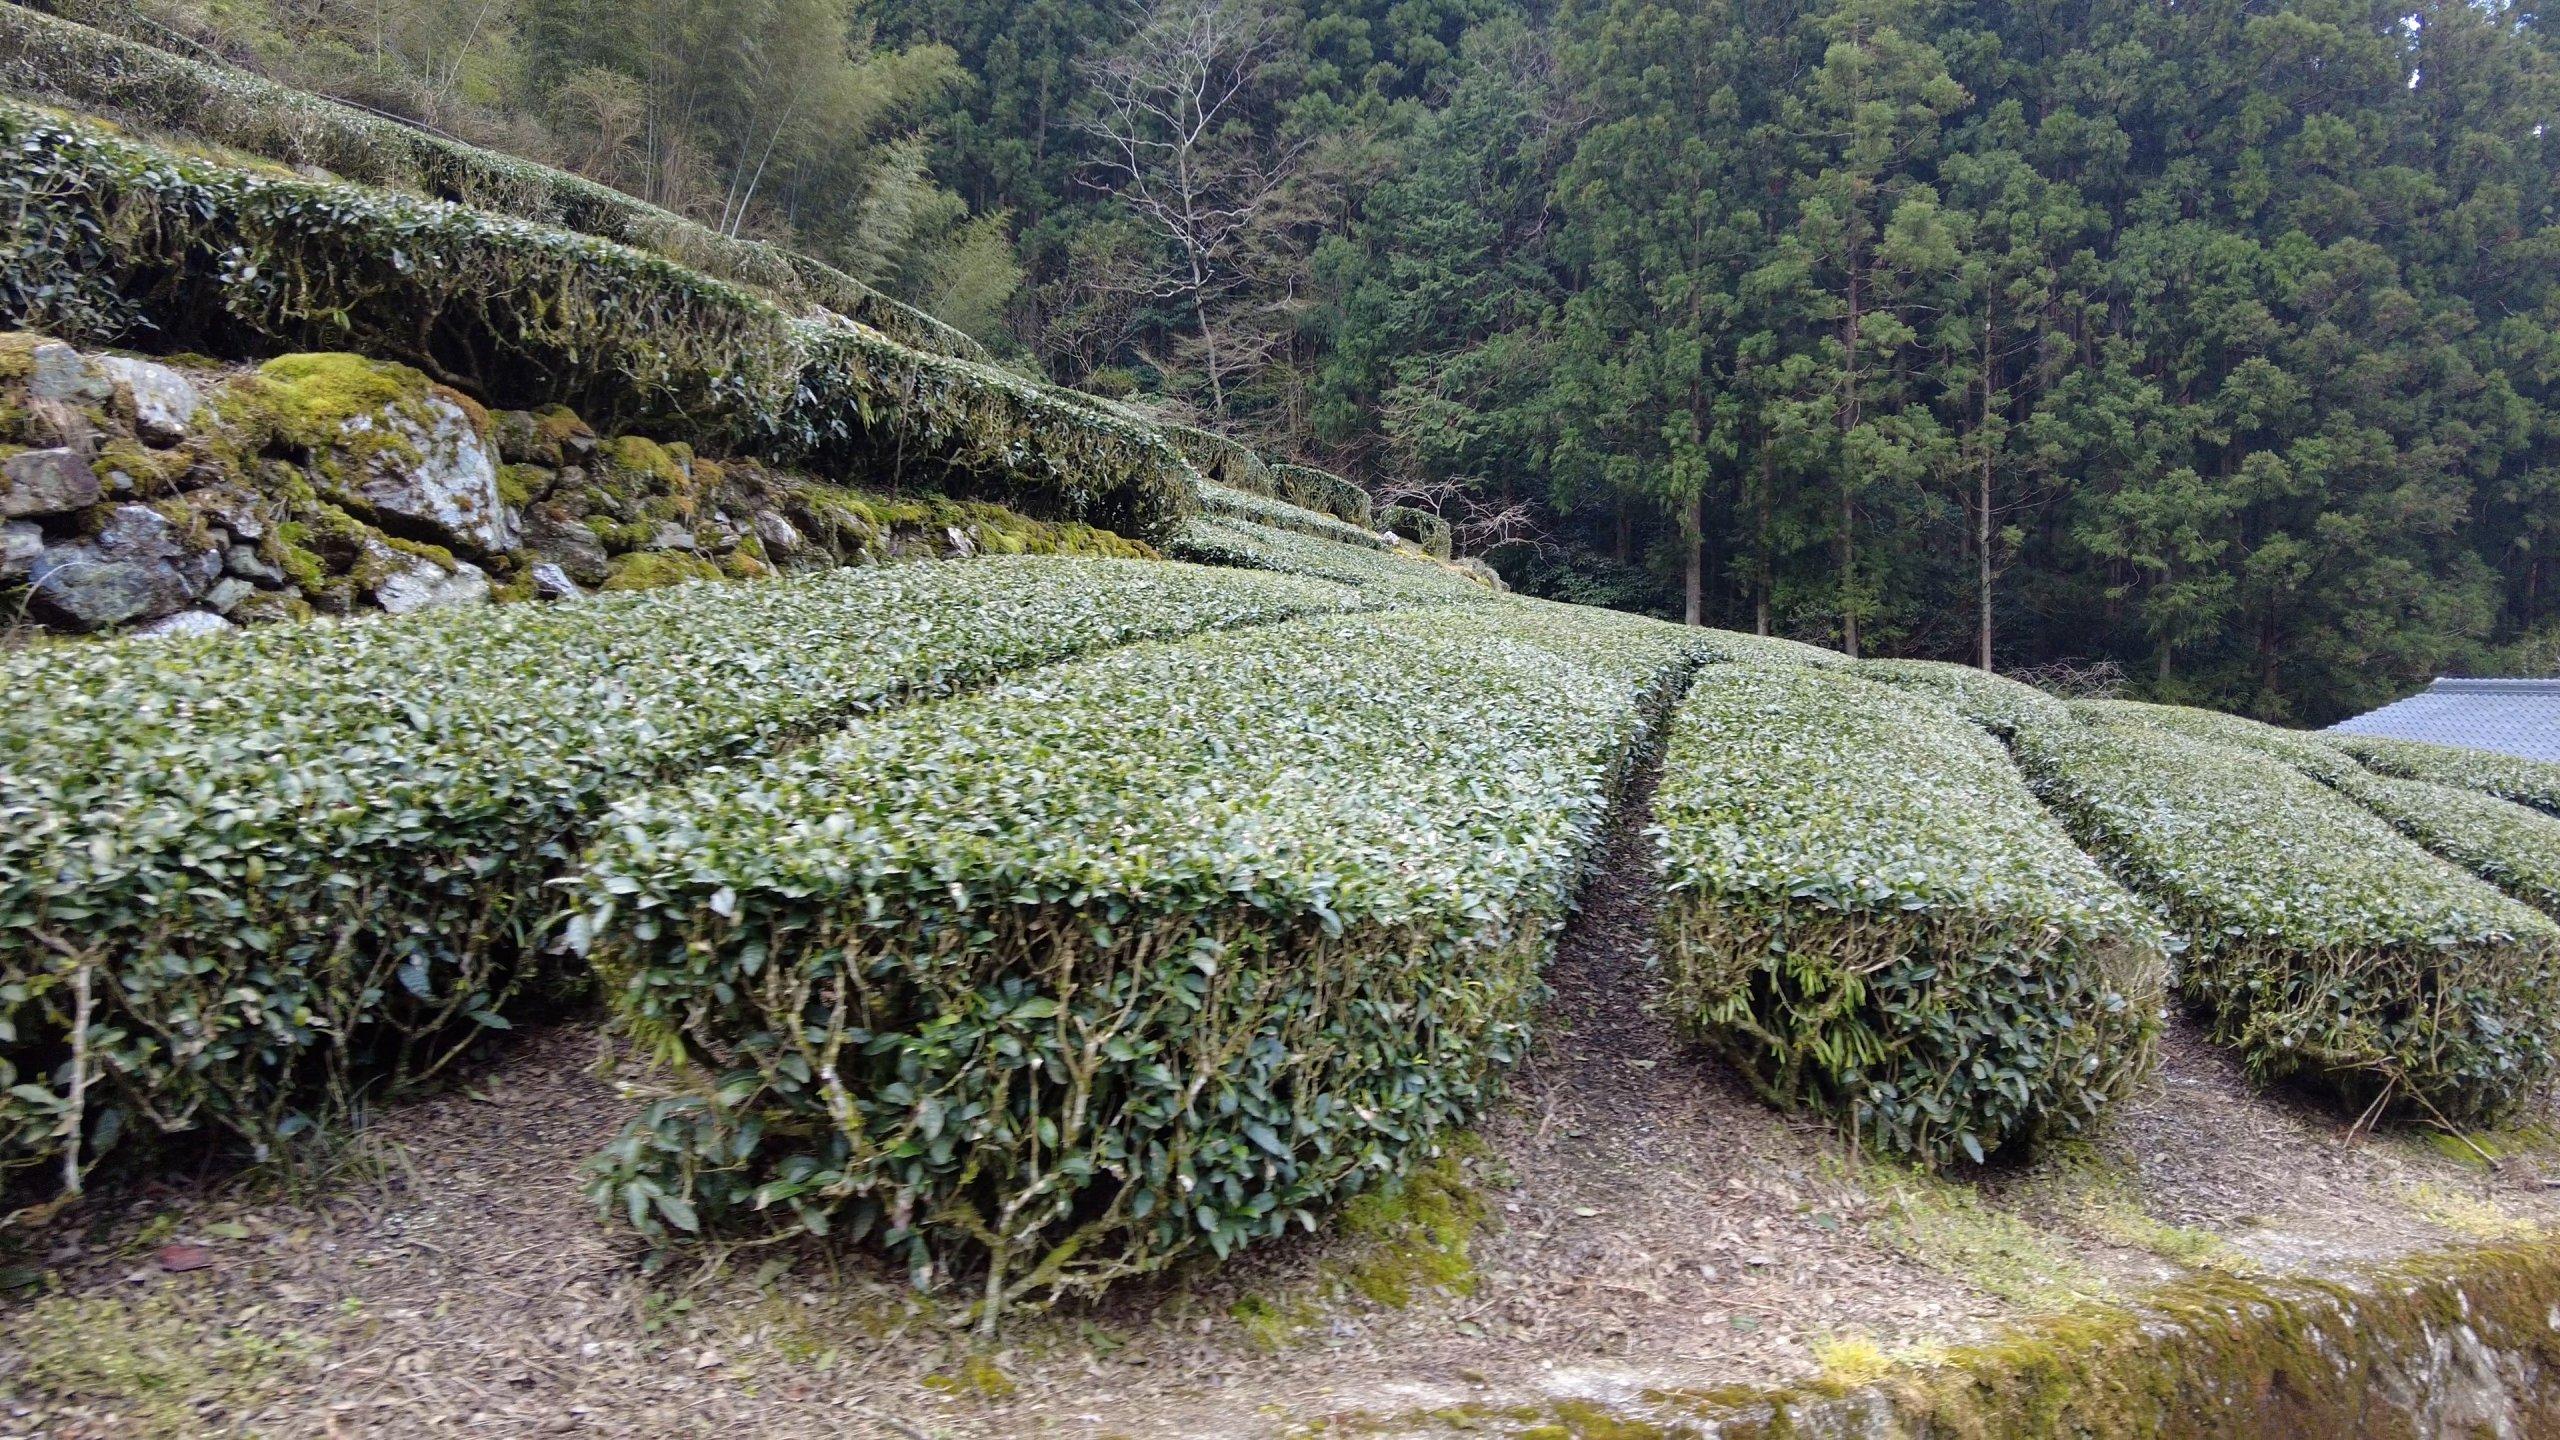 仁淀川町はお茶の産地として有名だ